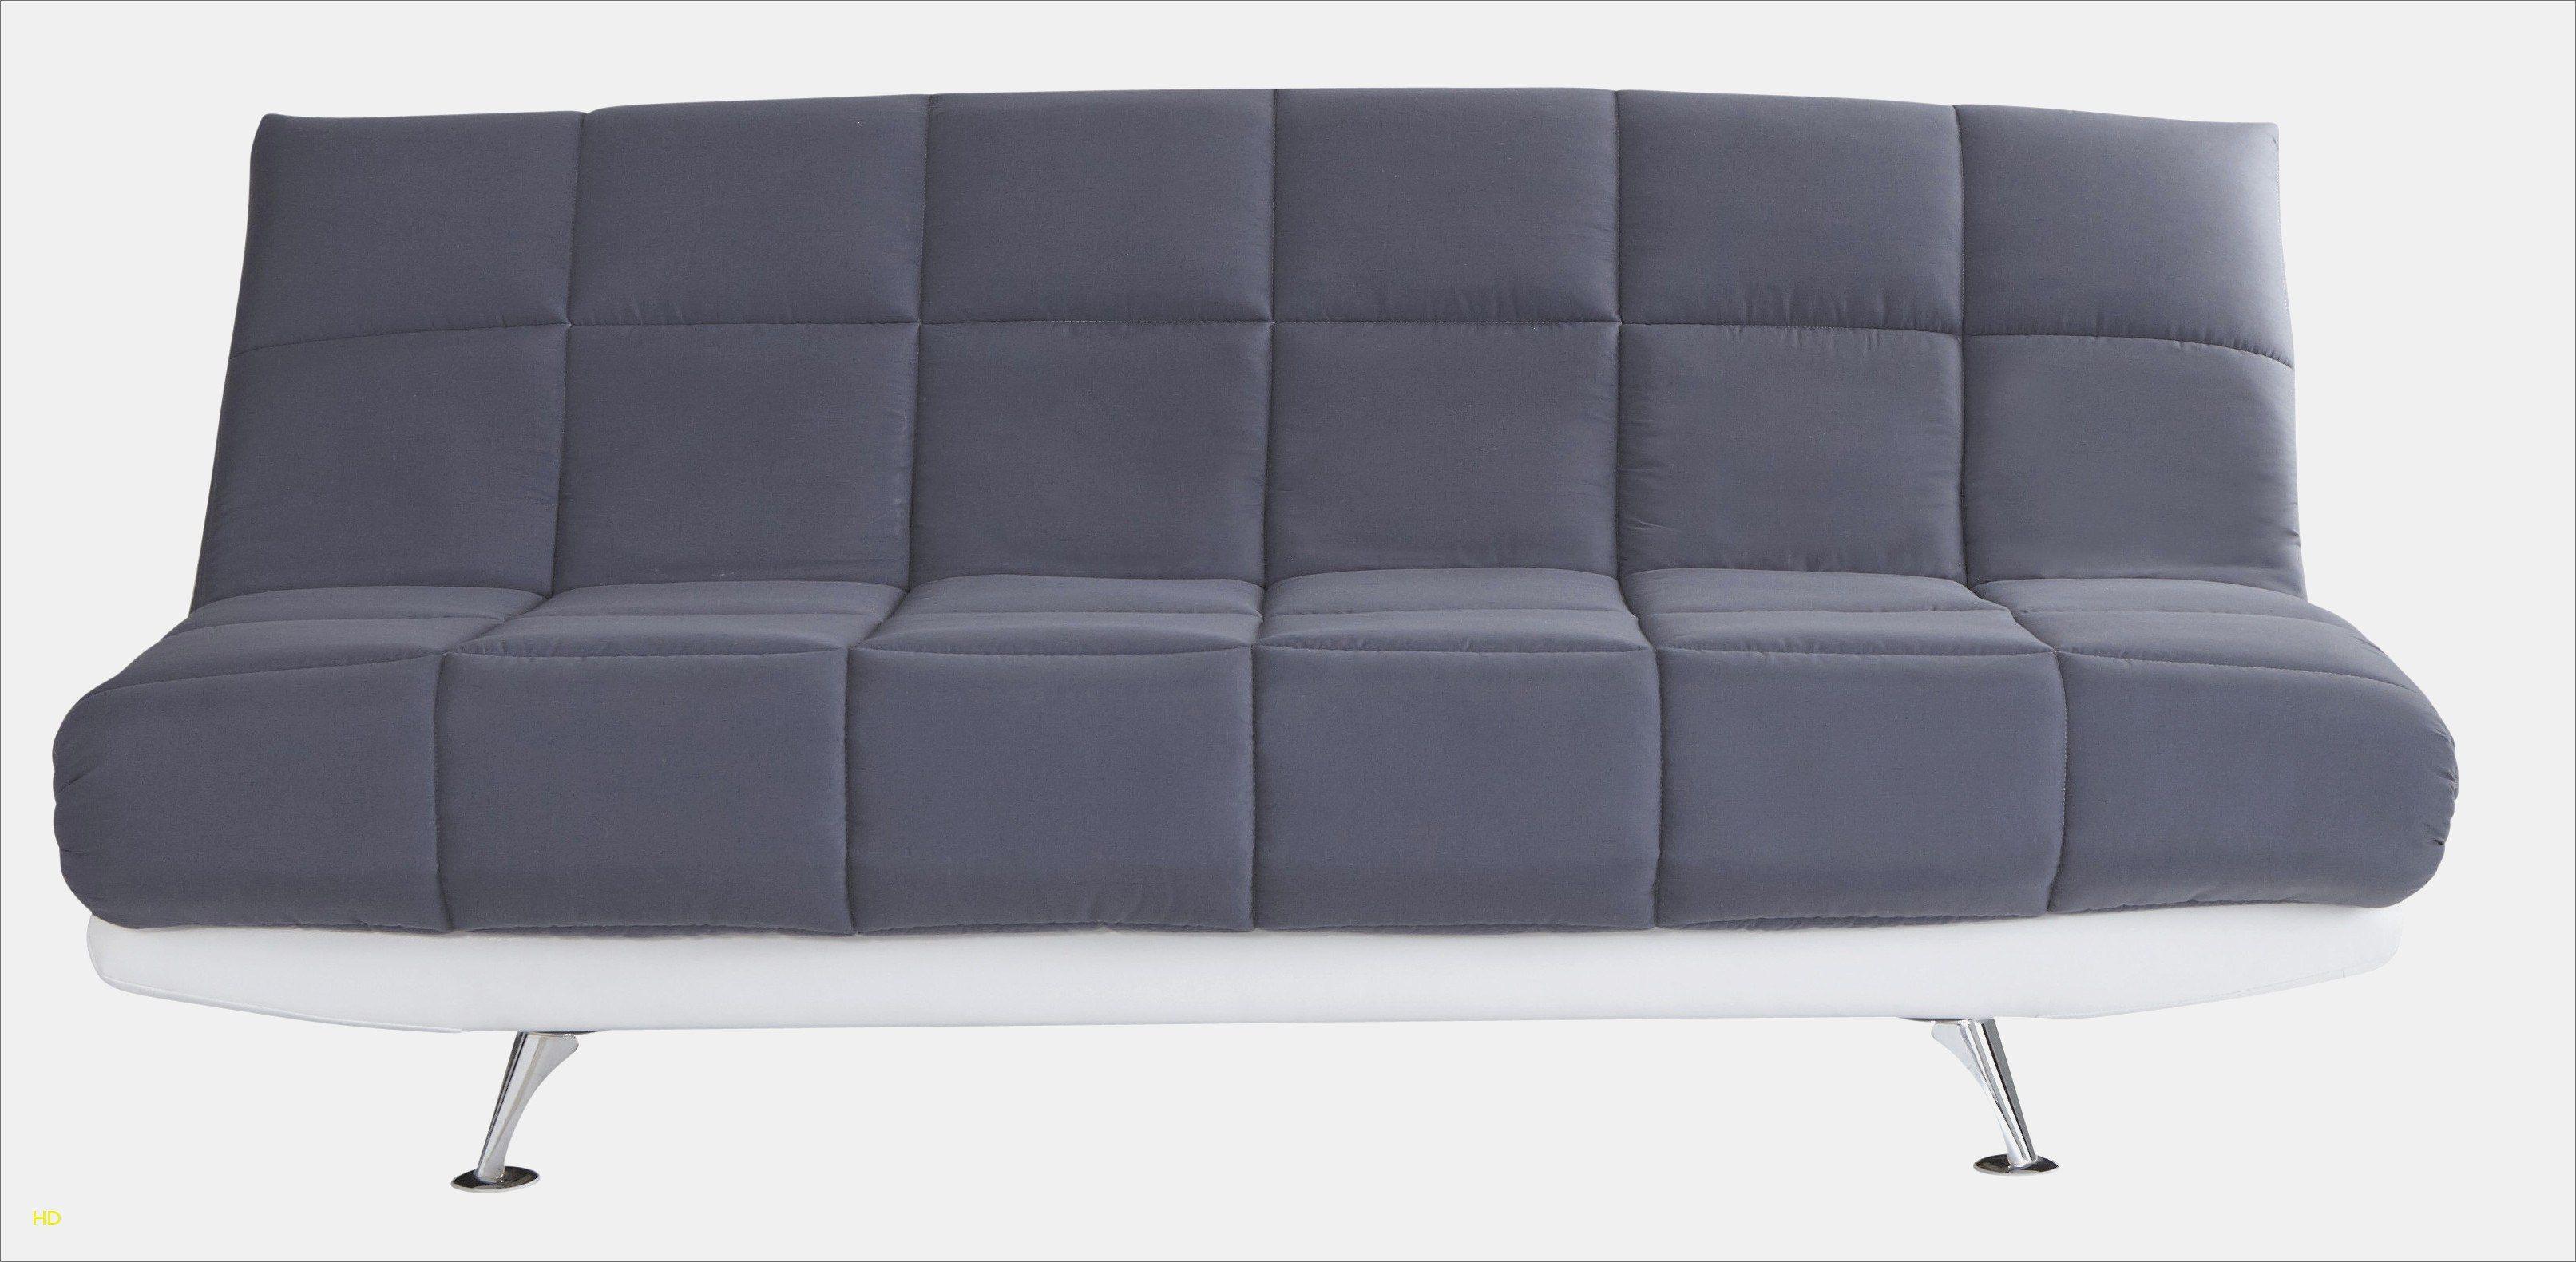 Lit Superposé Clic Clac Le Luxe Lit Mezzanine Avec Clic Clac Ikea